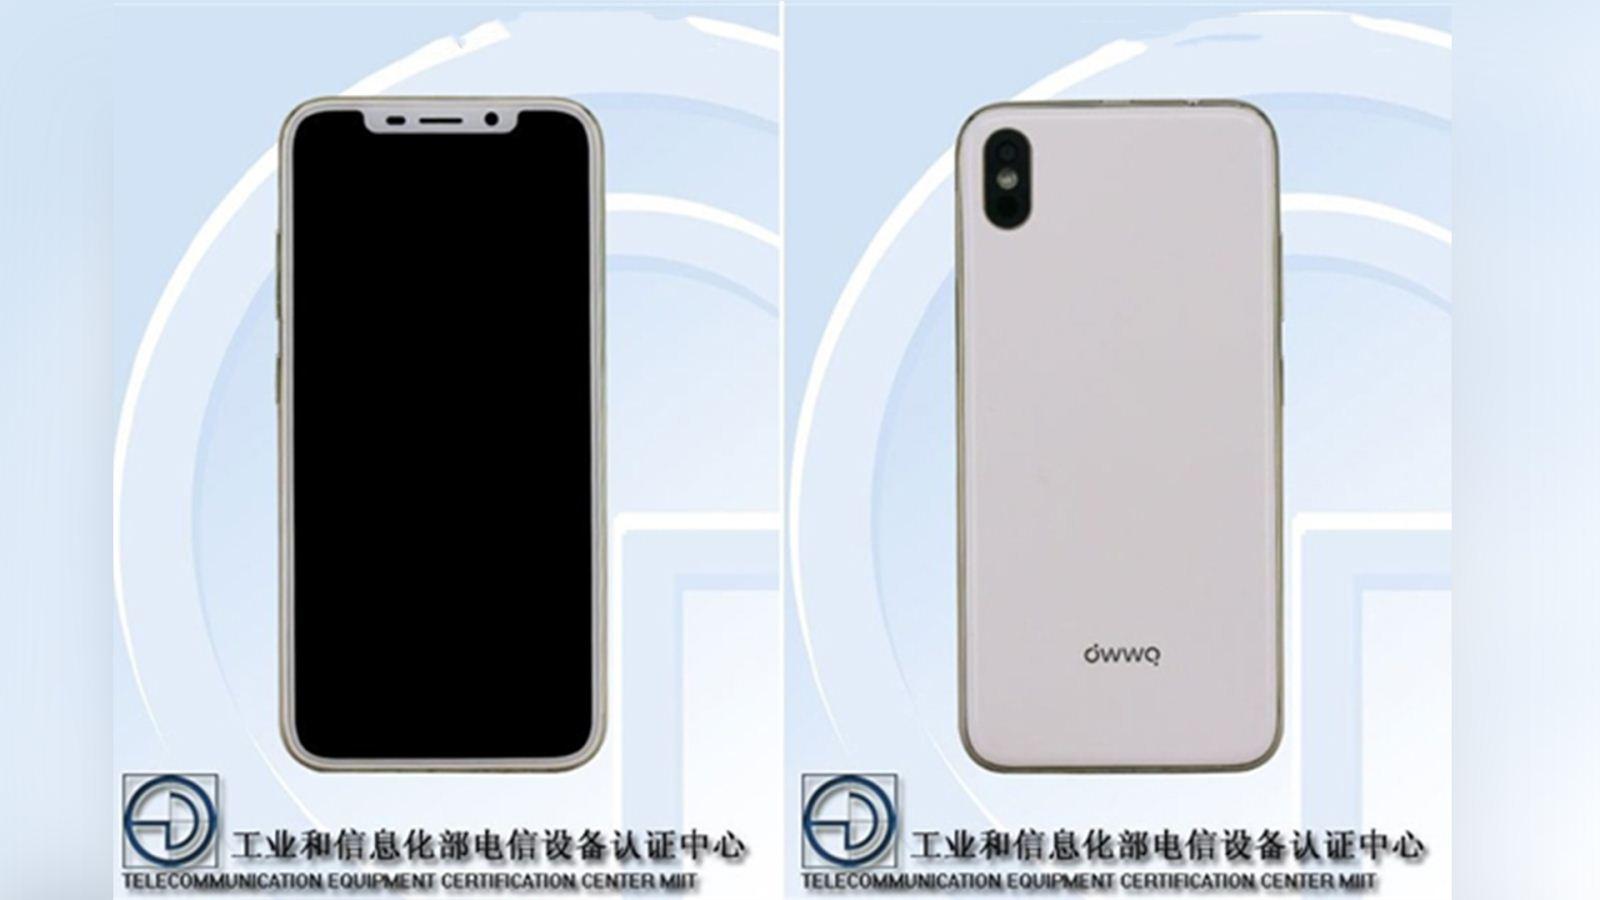 """>正文      owwo x对苹果iphone x模仿可是""""惟妙惟肖"""",正面顶部刘海屏"""